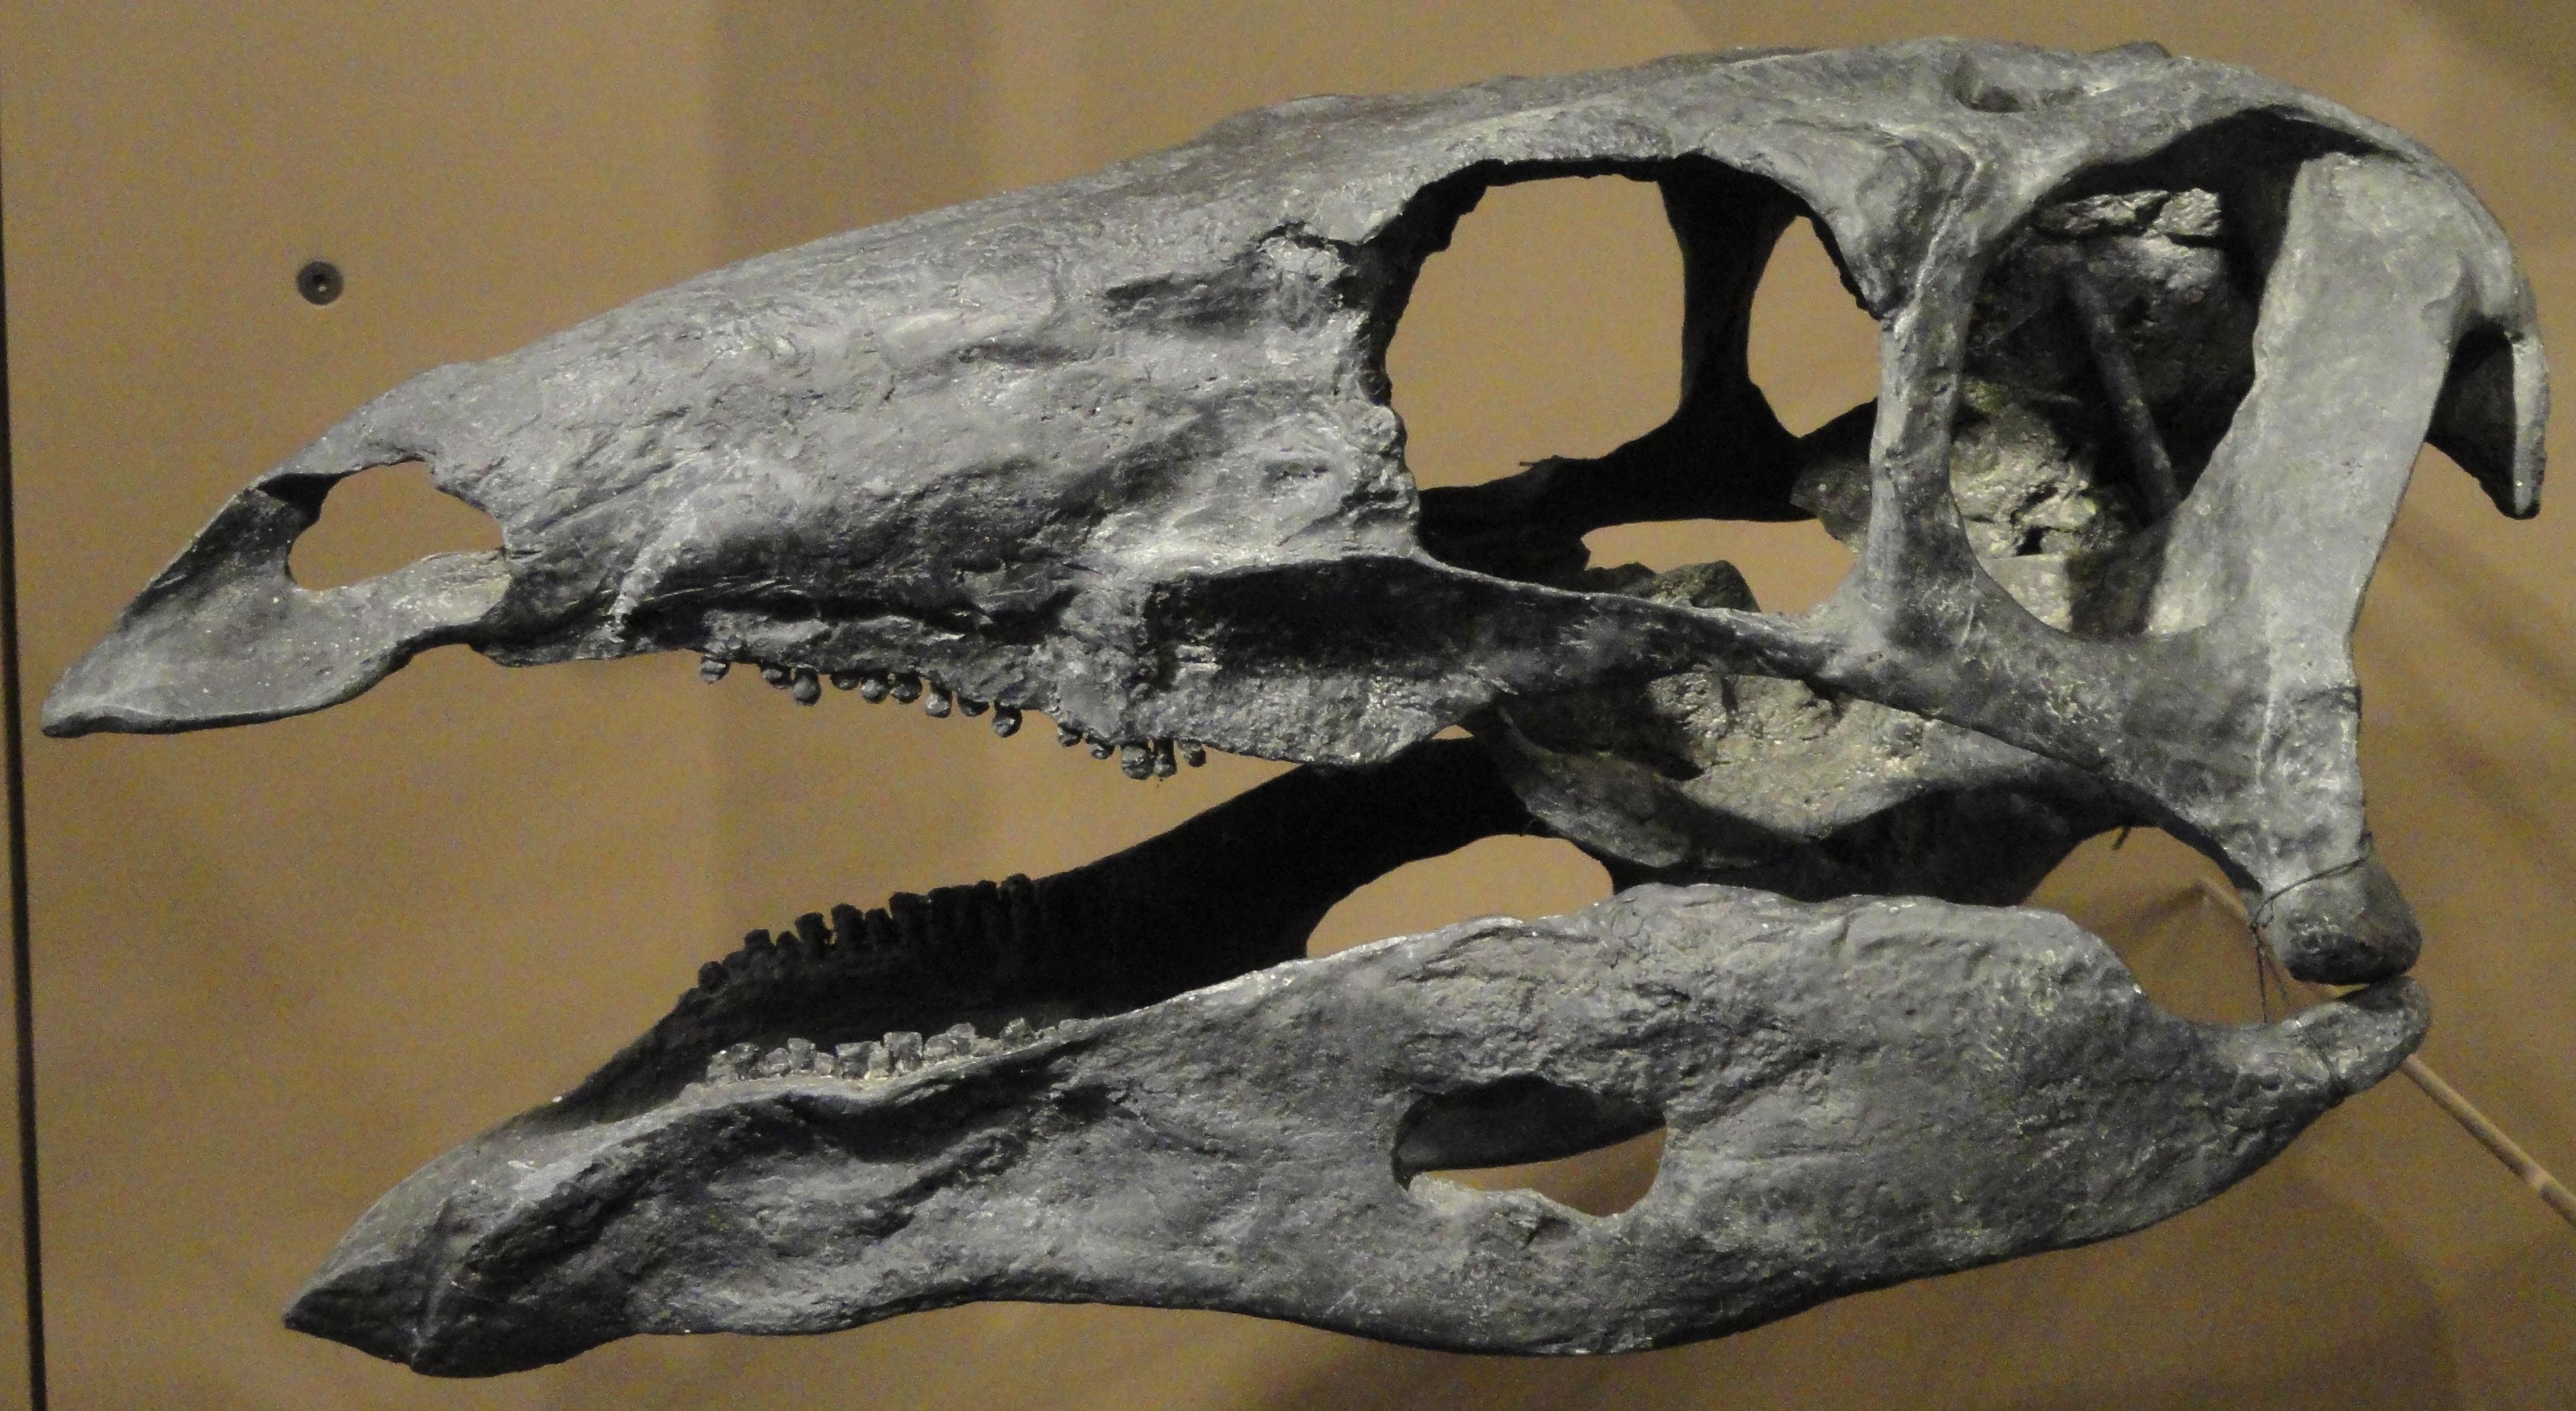 stego skull